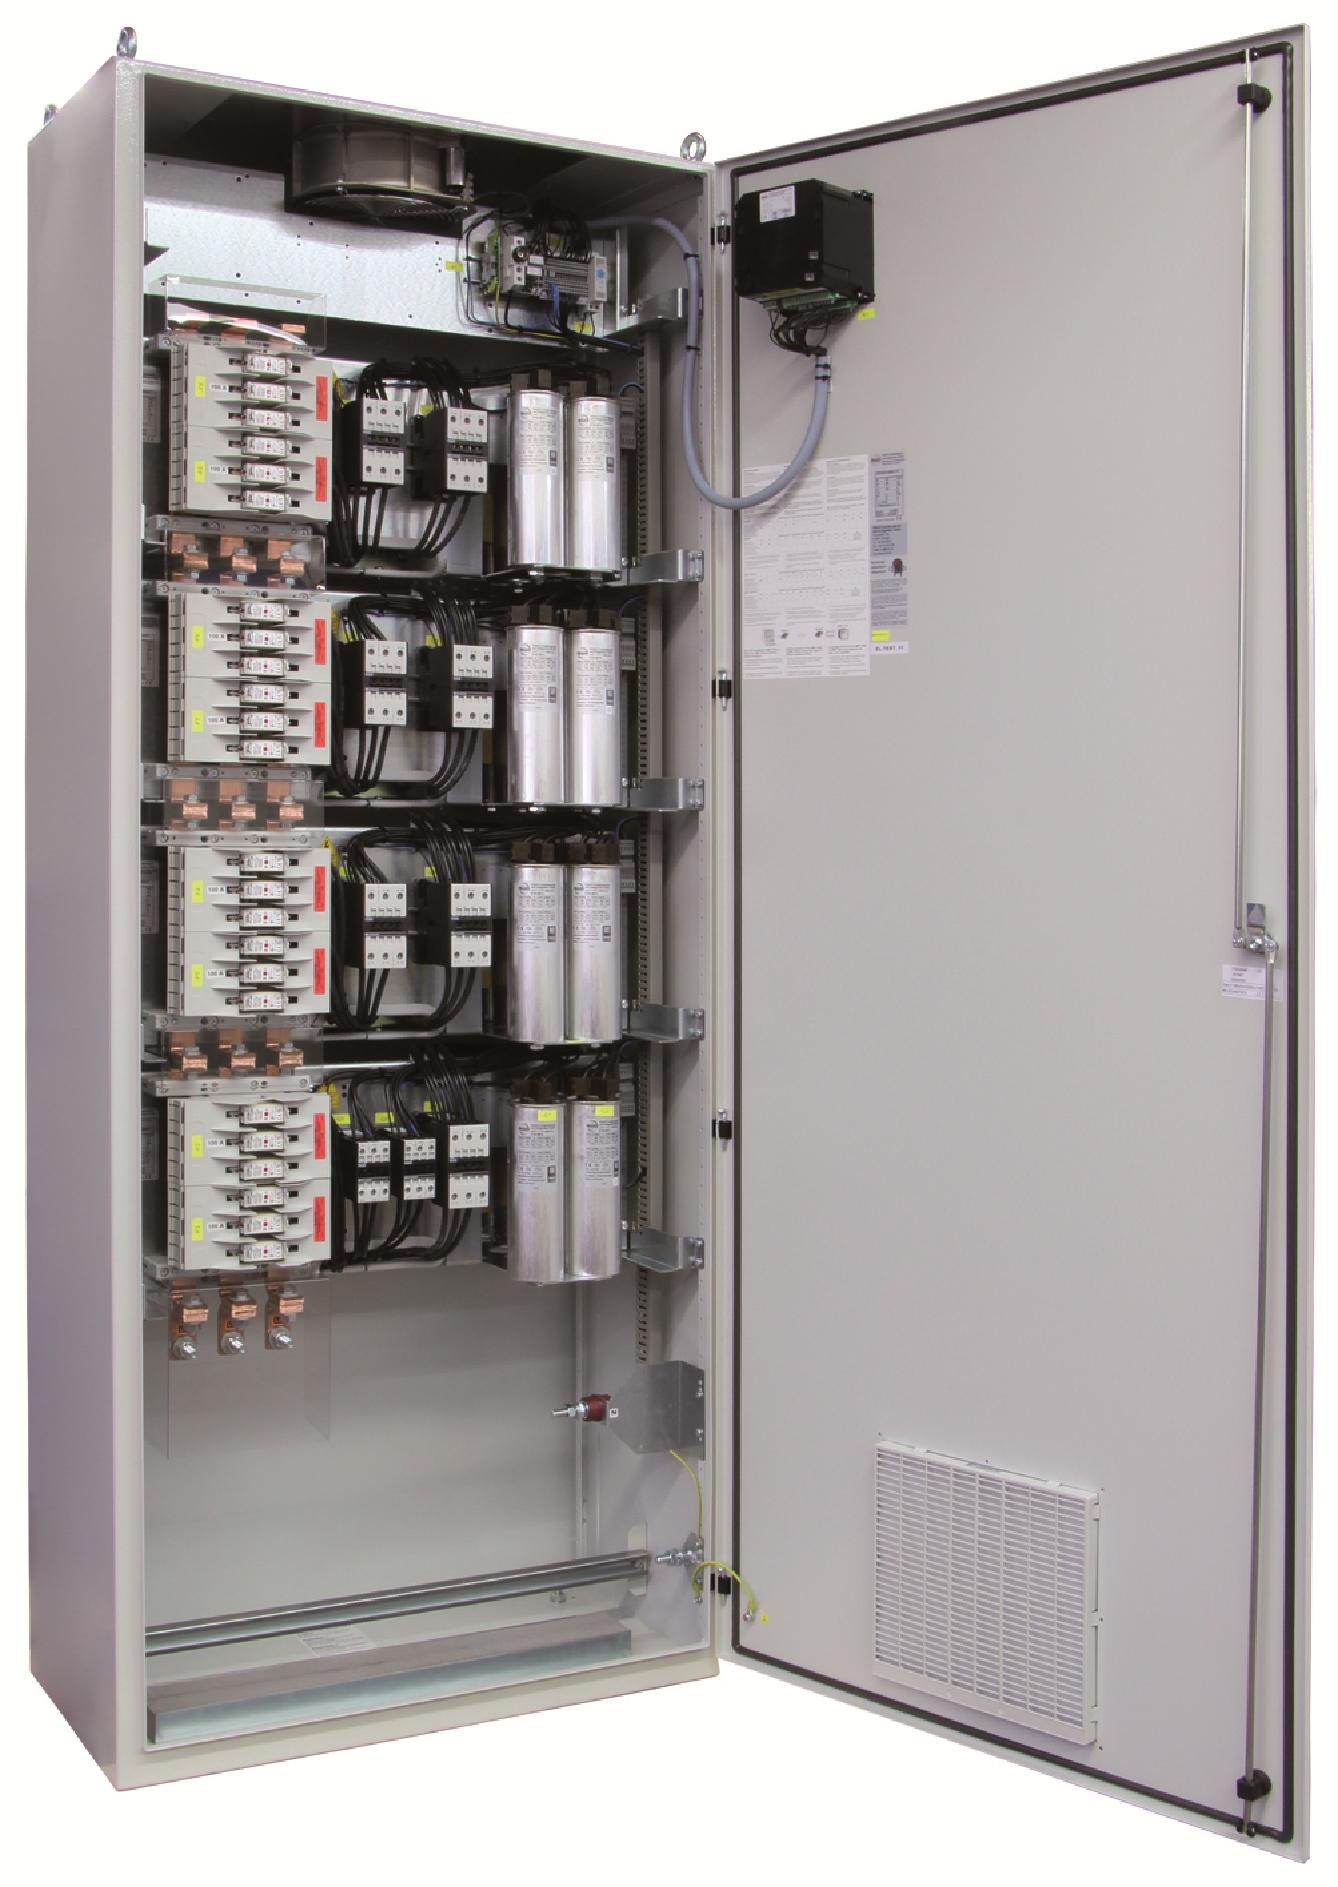 1 Stk Kompensation LSFC 14% 325/25kvar 800x2110x500mm FR3422644-